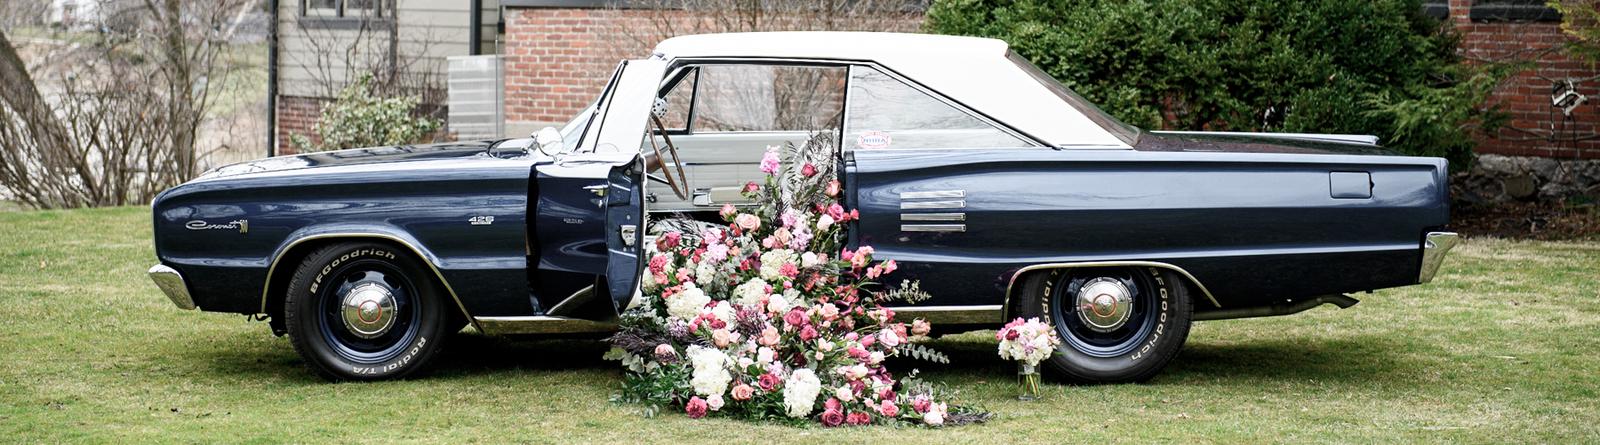 Car with floral arrangement